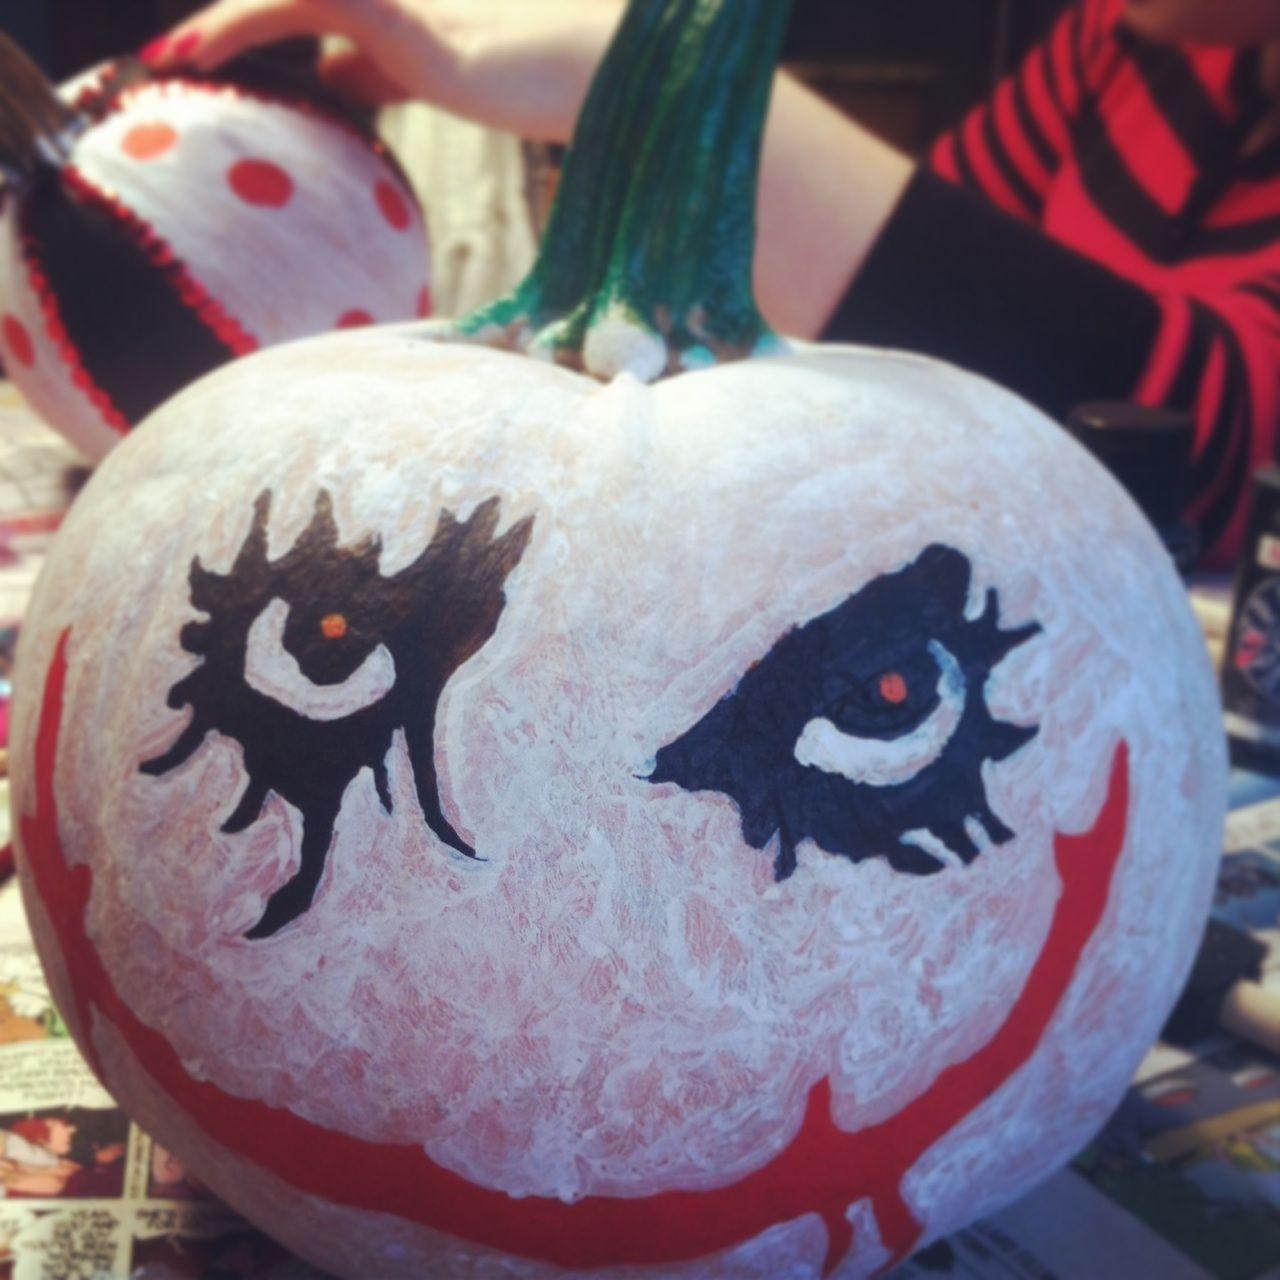 Painted My Pumpkin As The Joker For Halloween Batman Joker